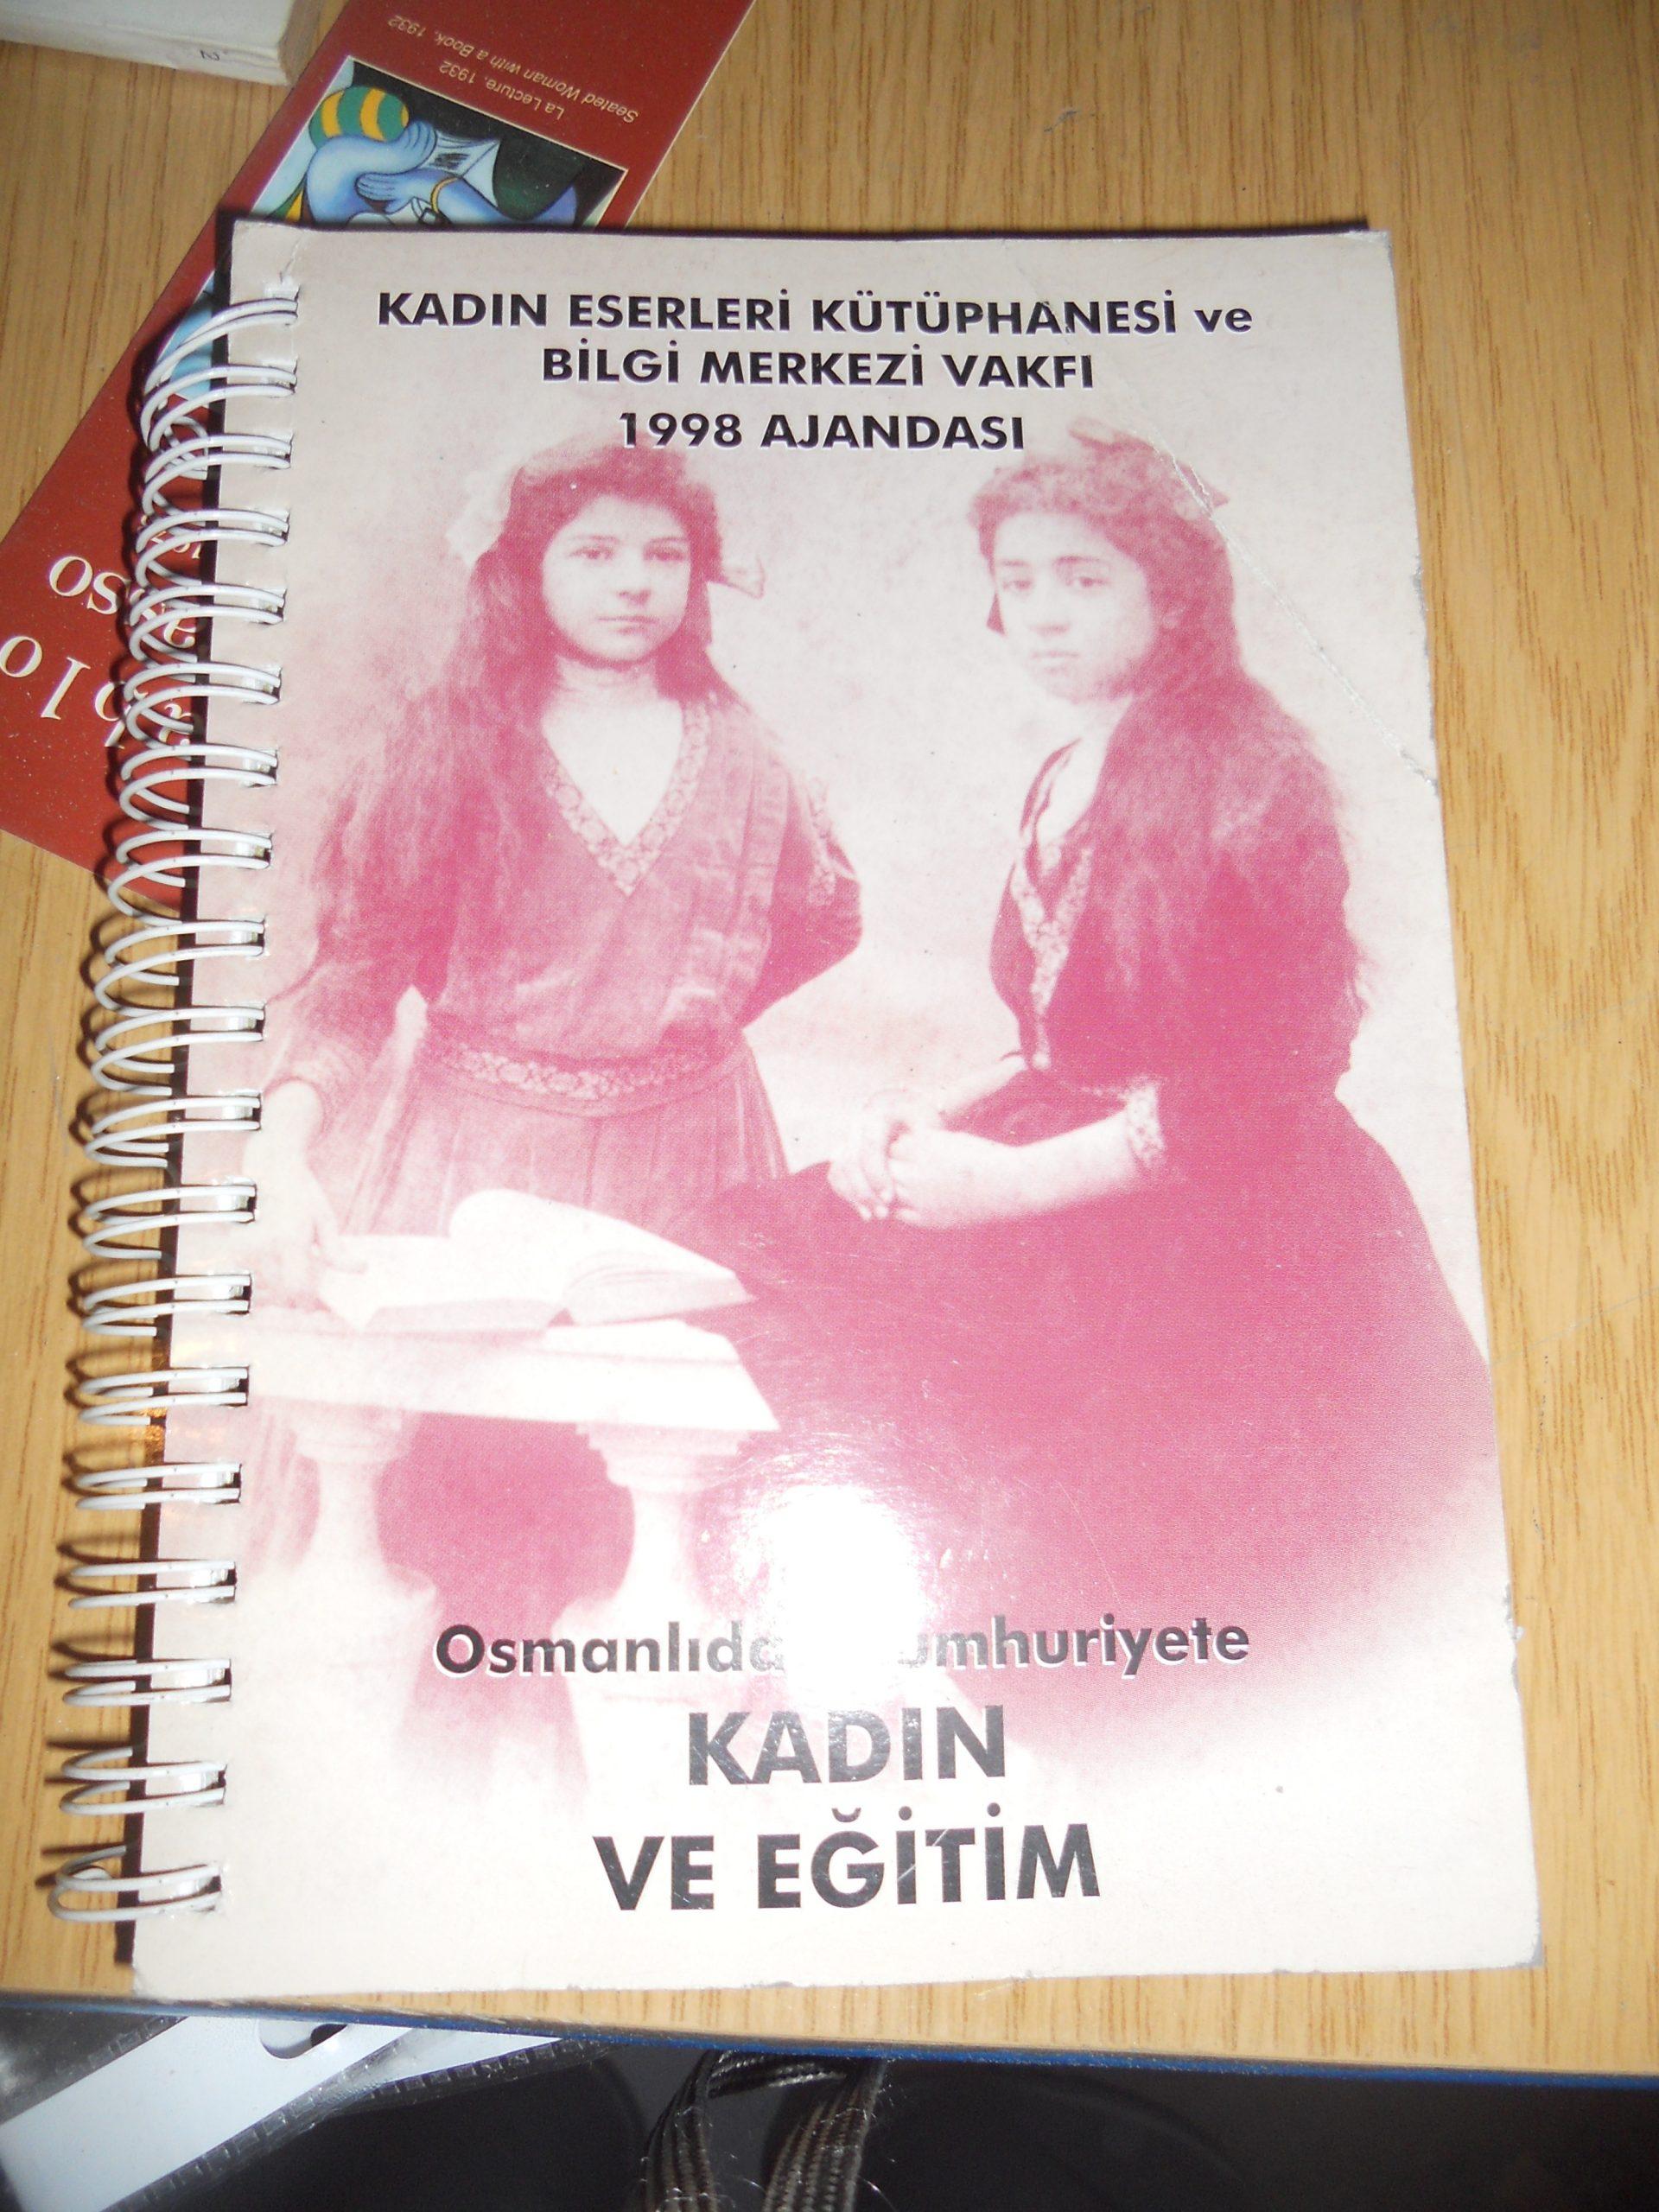 Osmanlıdan Cumhuriyete Kadın ve Eğitim-Kadın Eserleri Kütüphanesi ve Bilgi Merkezi Vakfı 1998 Ajandası / 15 tl